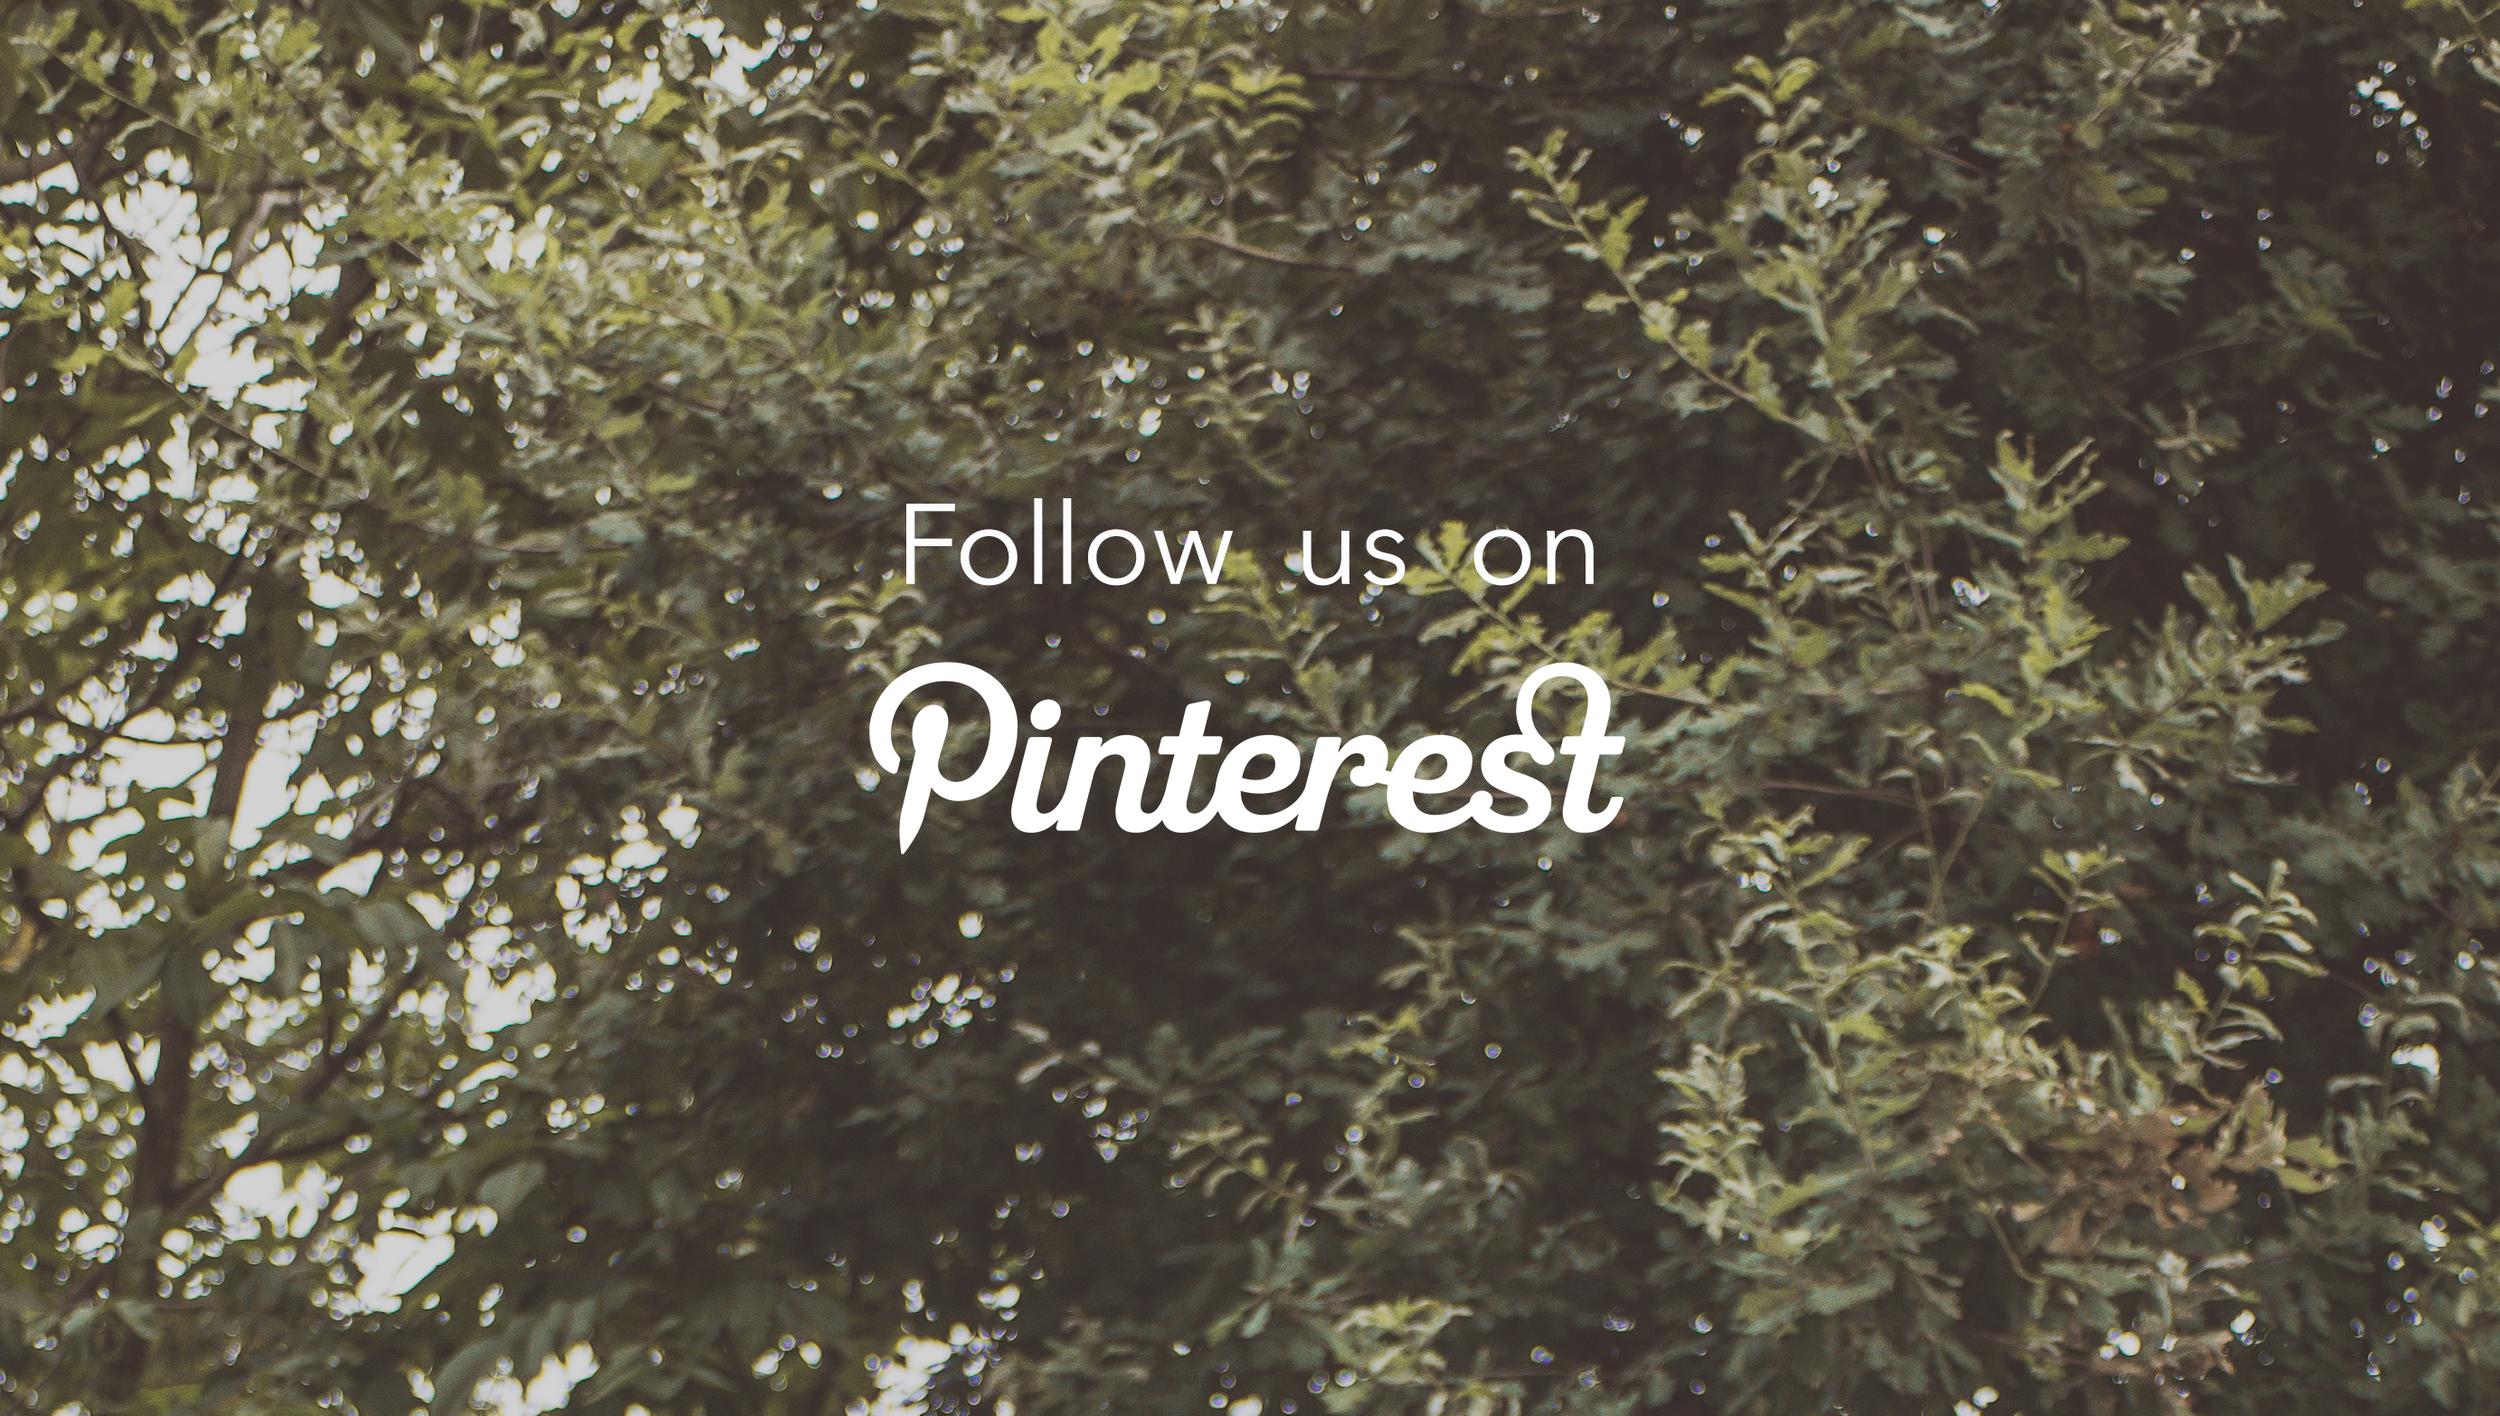 pinterest2.jpg